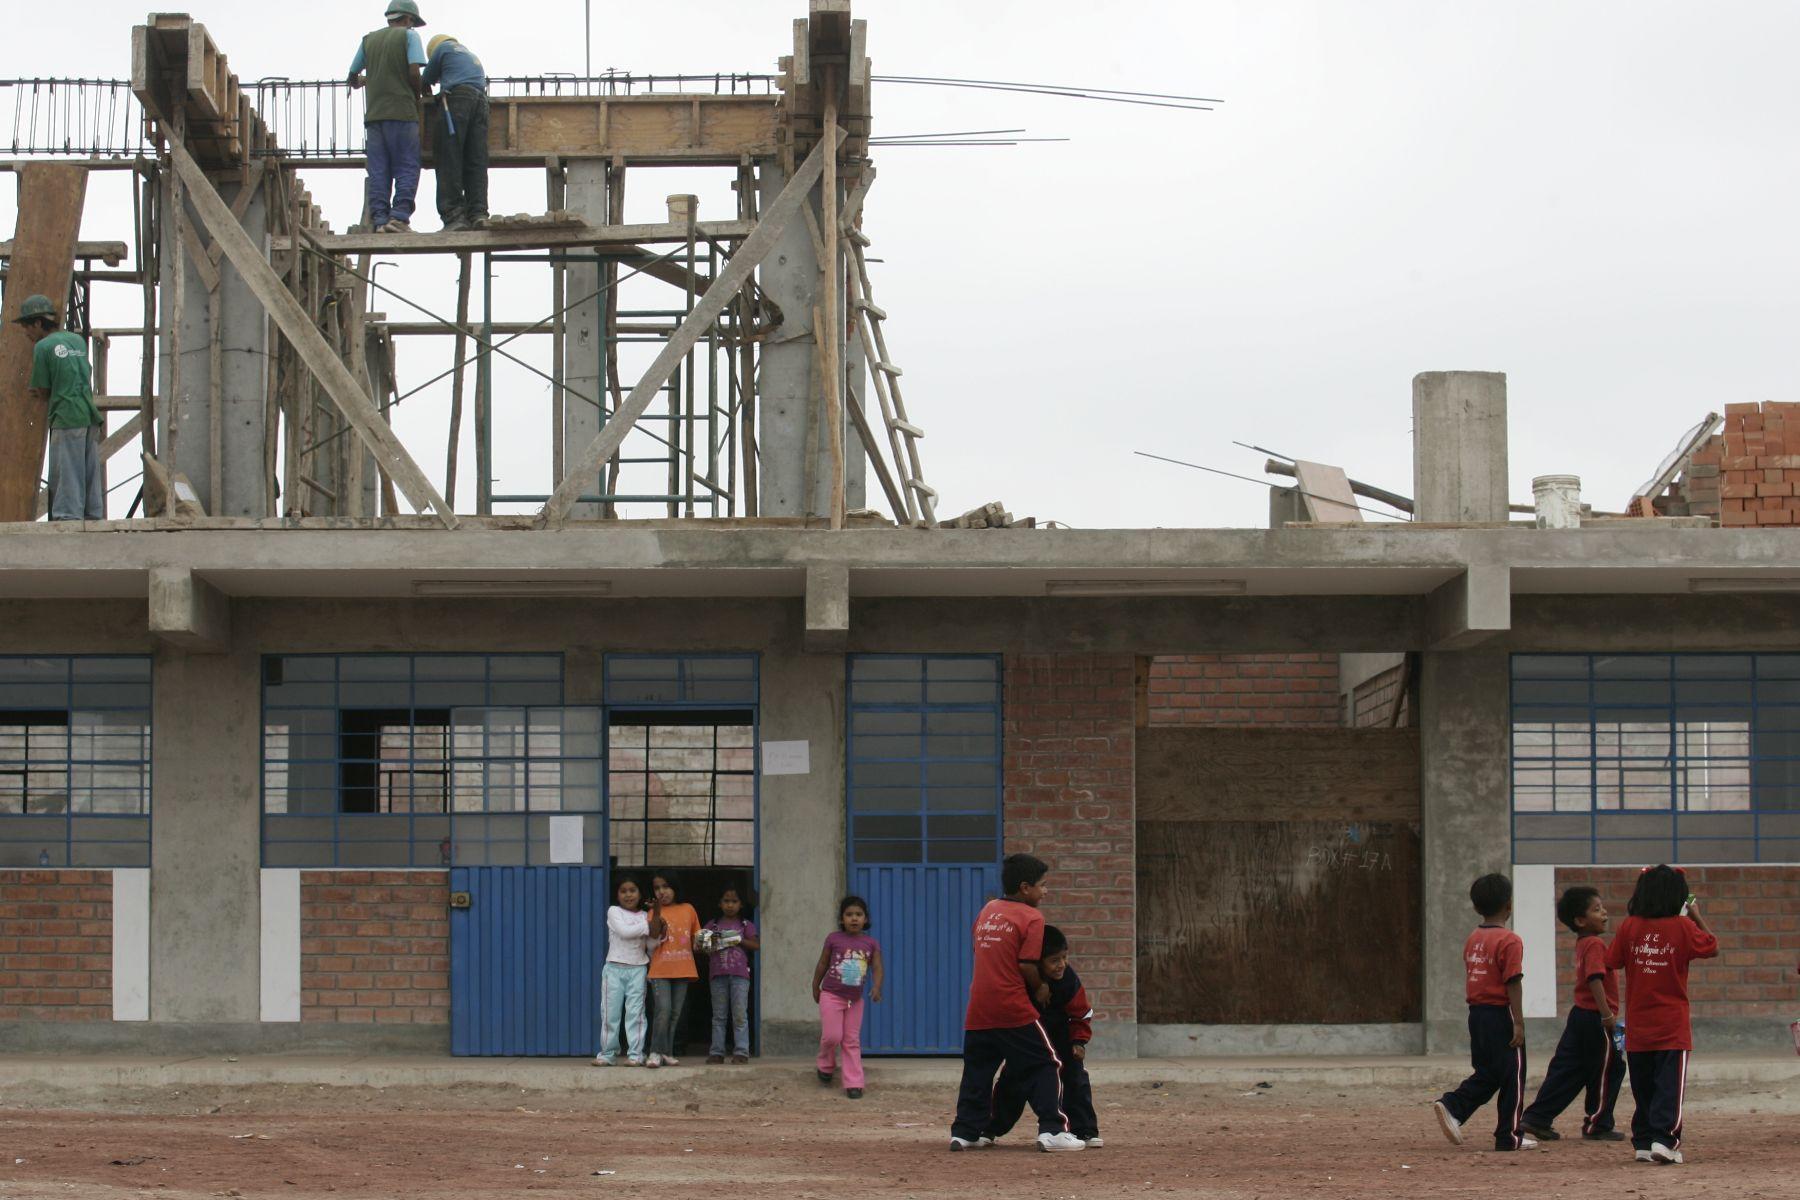 Precios de materiales de construcci n aumentaron en for Precios de construccion